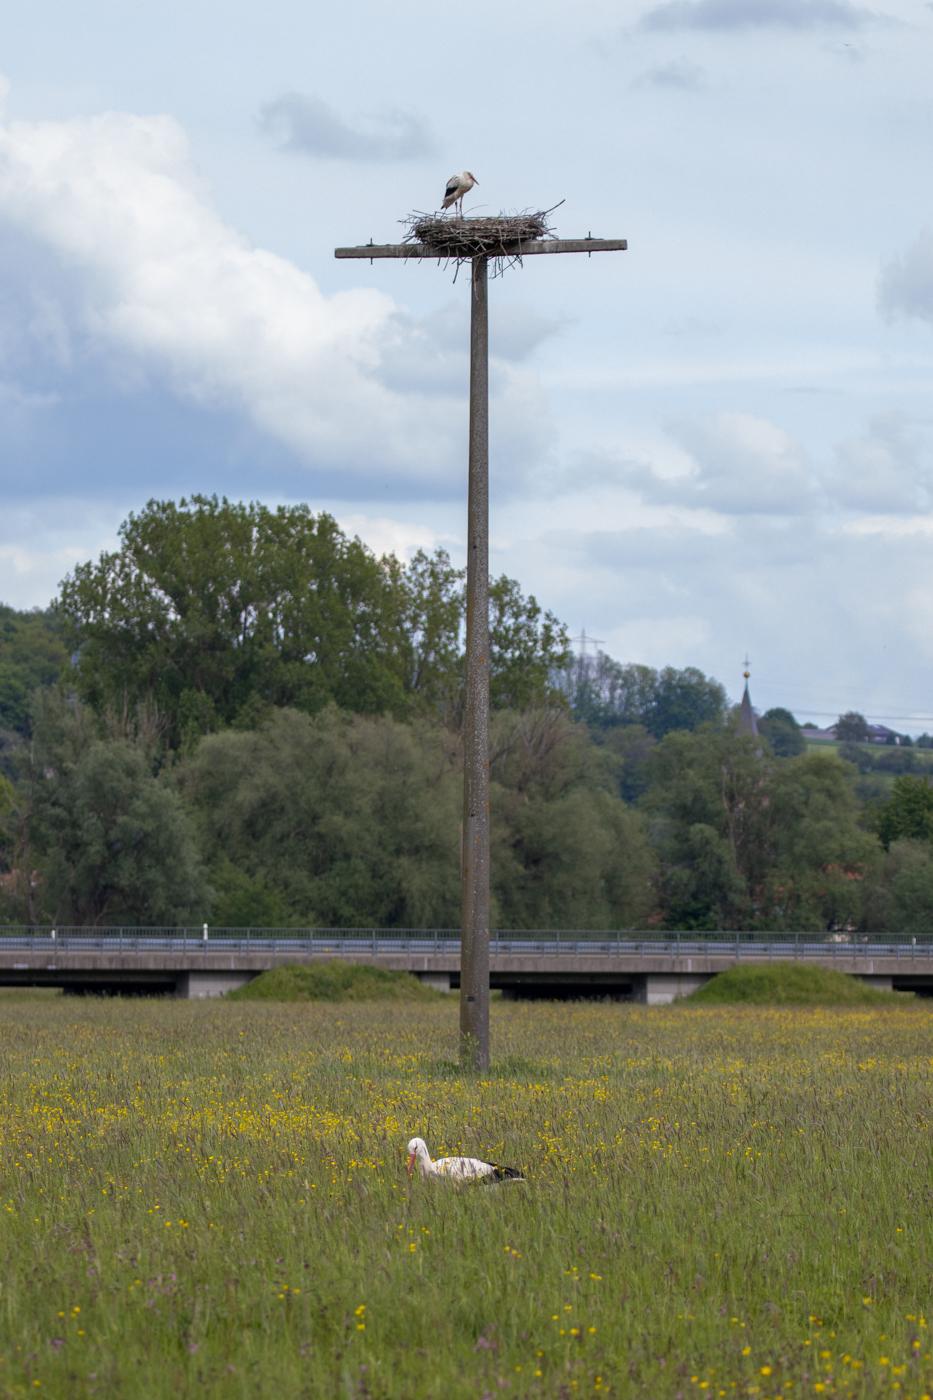 Störche rund um das Storchennest am 20.05.21 (Foto: H. Budig)